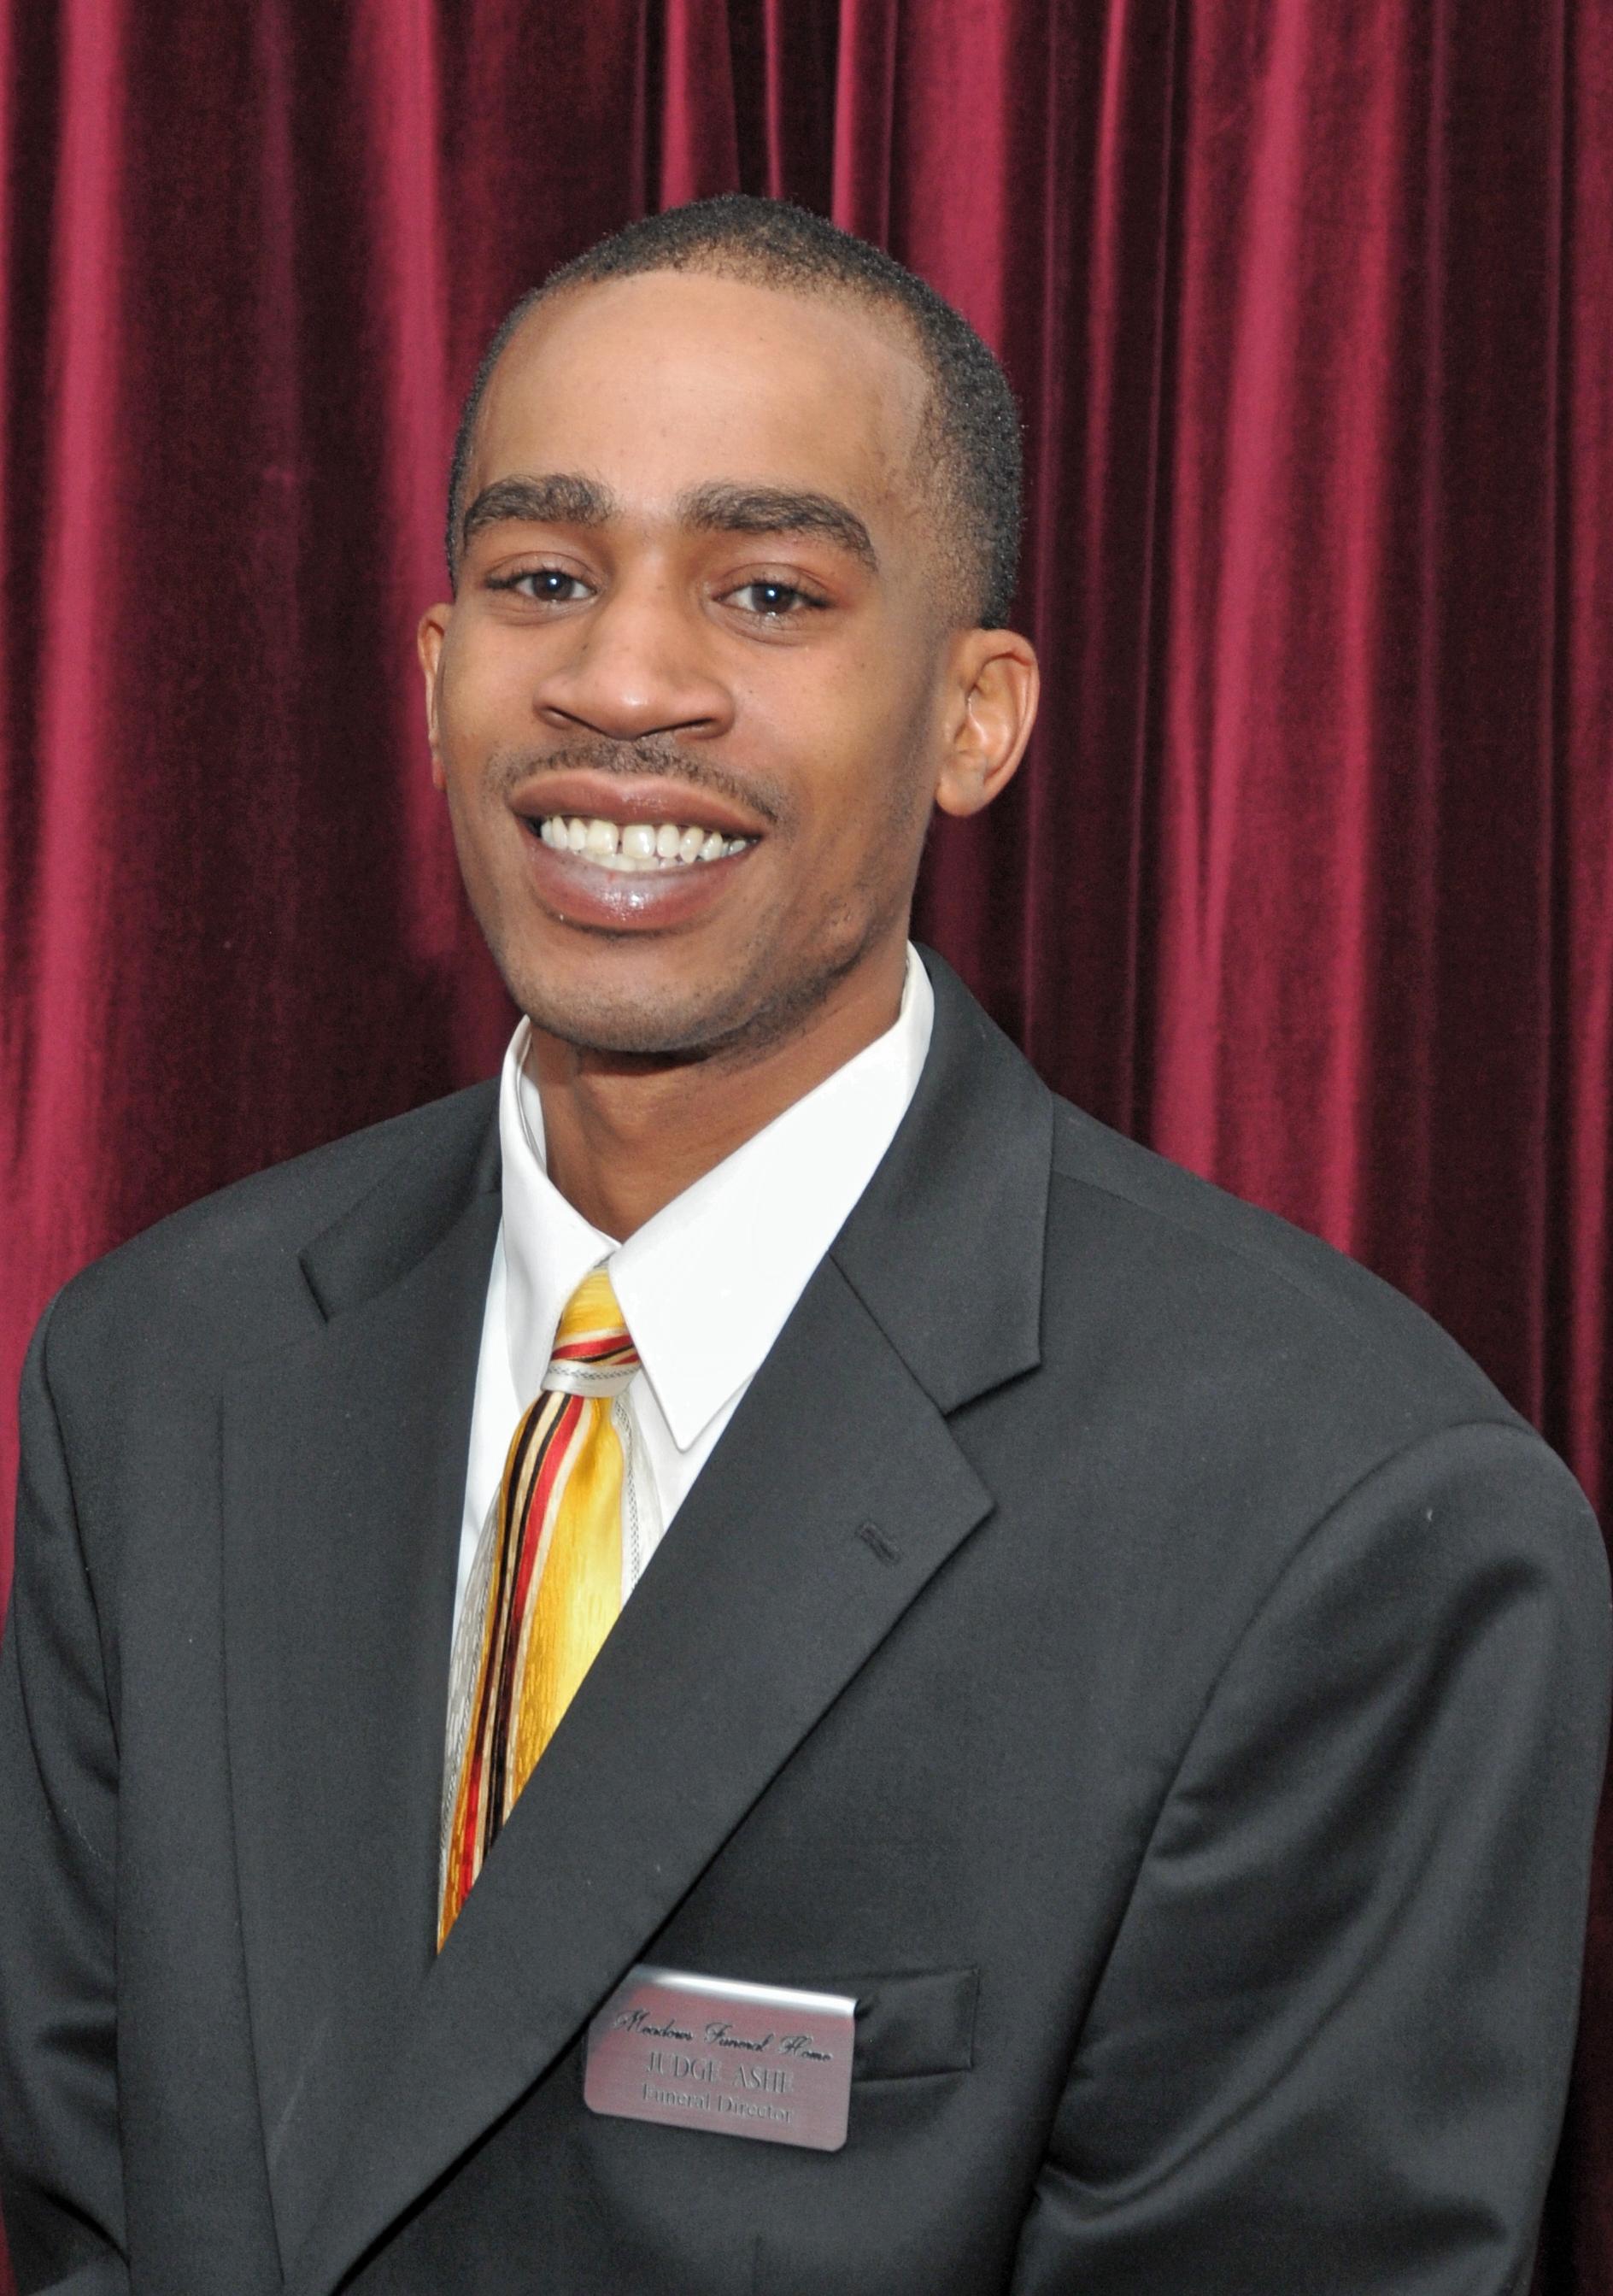 Mr. Lawrence V. Meadows